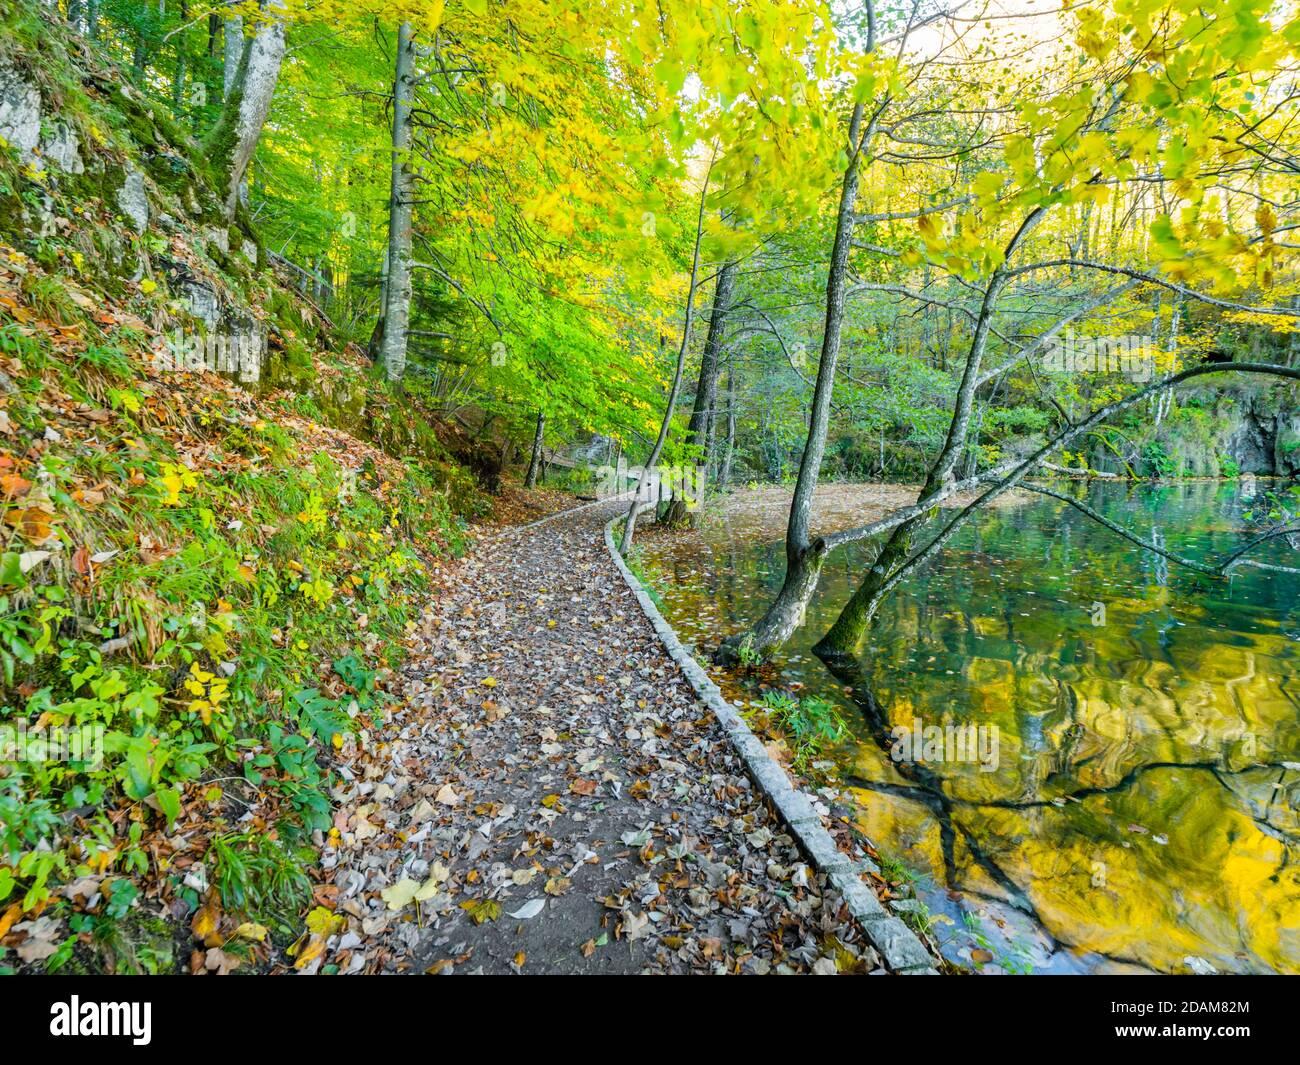 Impresionantes lagos de Plitvice parque nacional en Croacia Europa tranquilidad tranquilo, suave, zen, espléndido, precioso, idílicos colores vibrantes Foto de stock